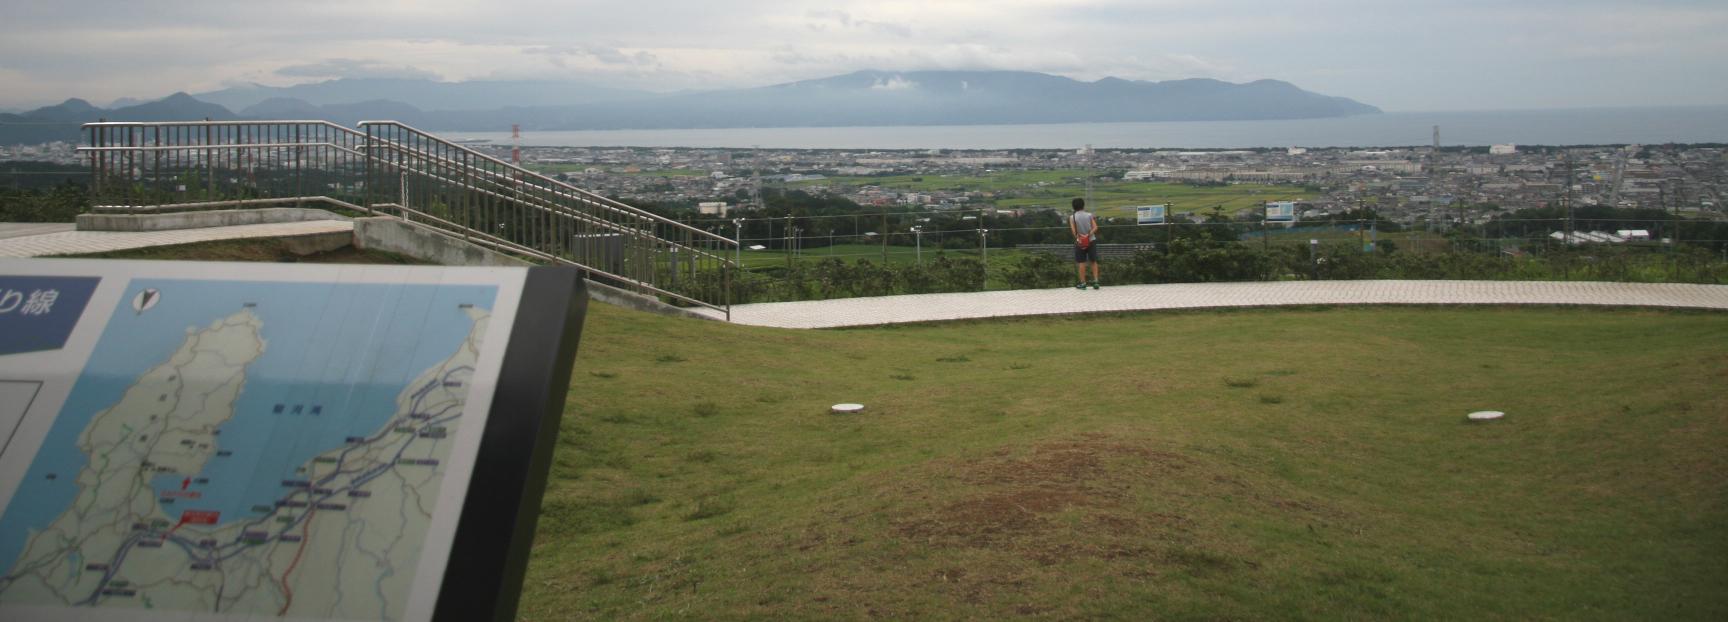 Surugawan-Numazu SA